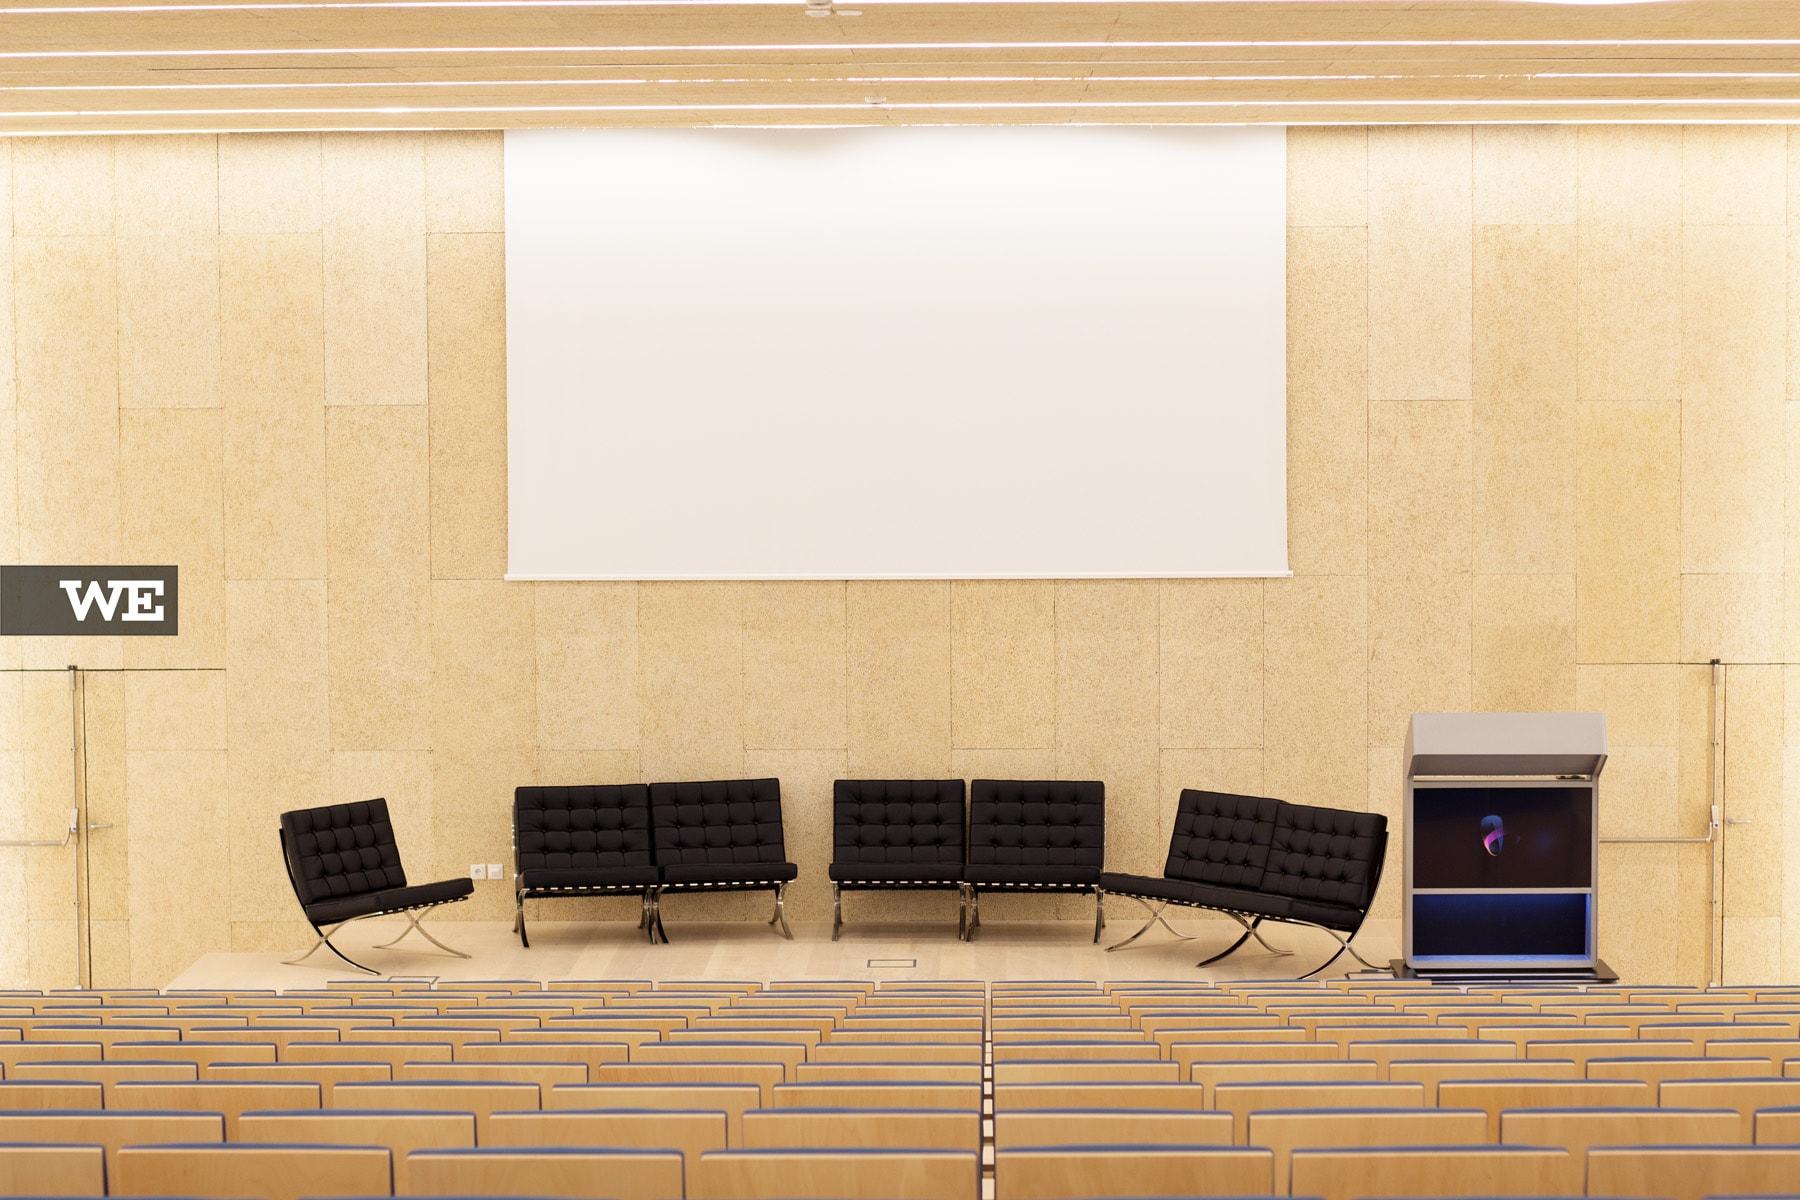 Auditório Altice Forum Braga